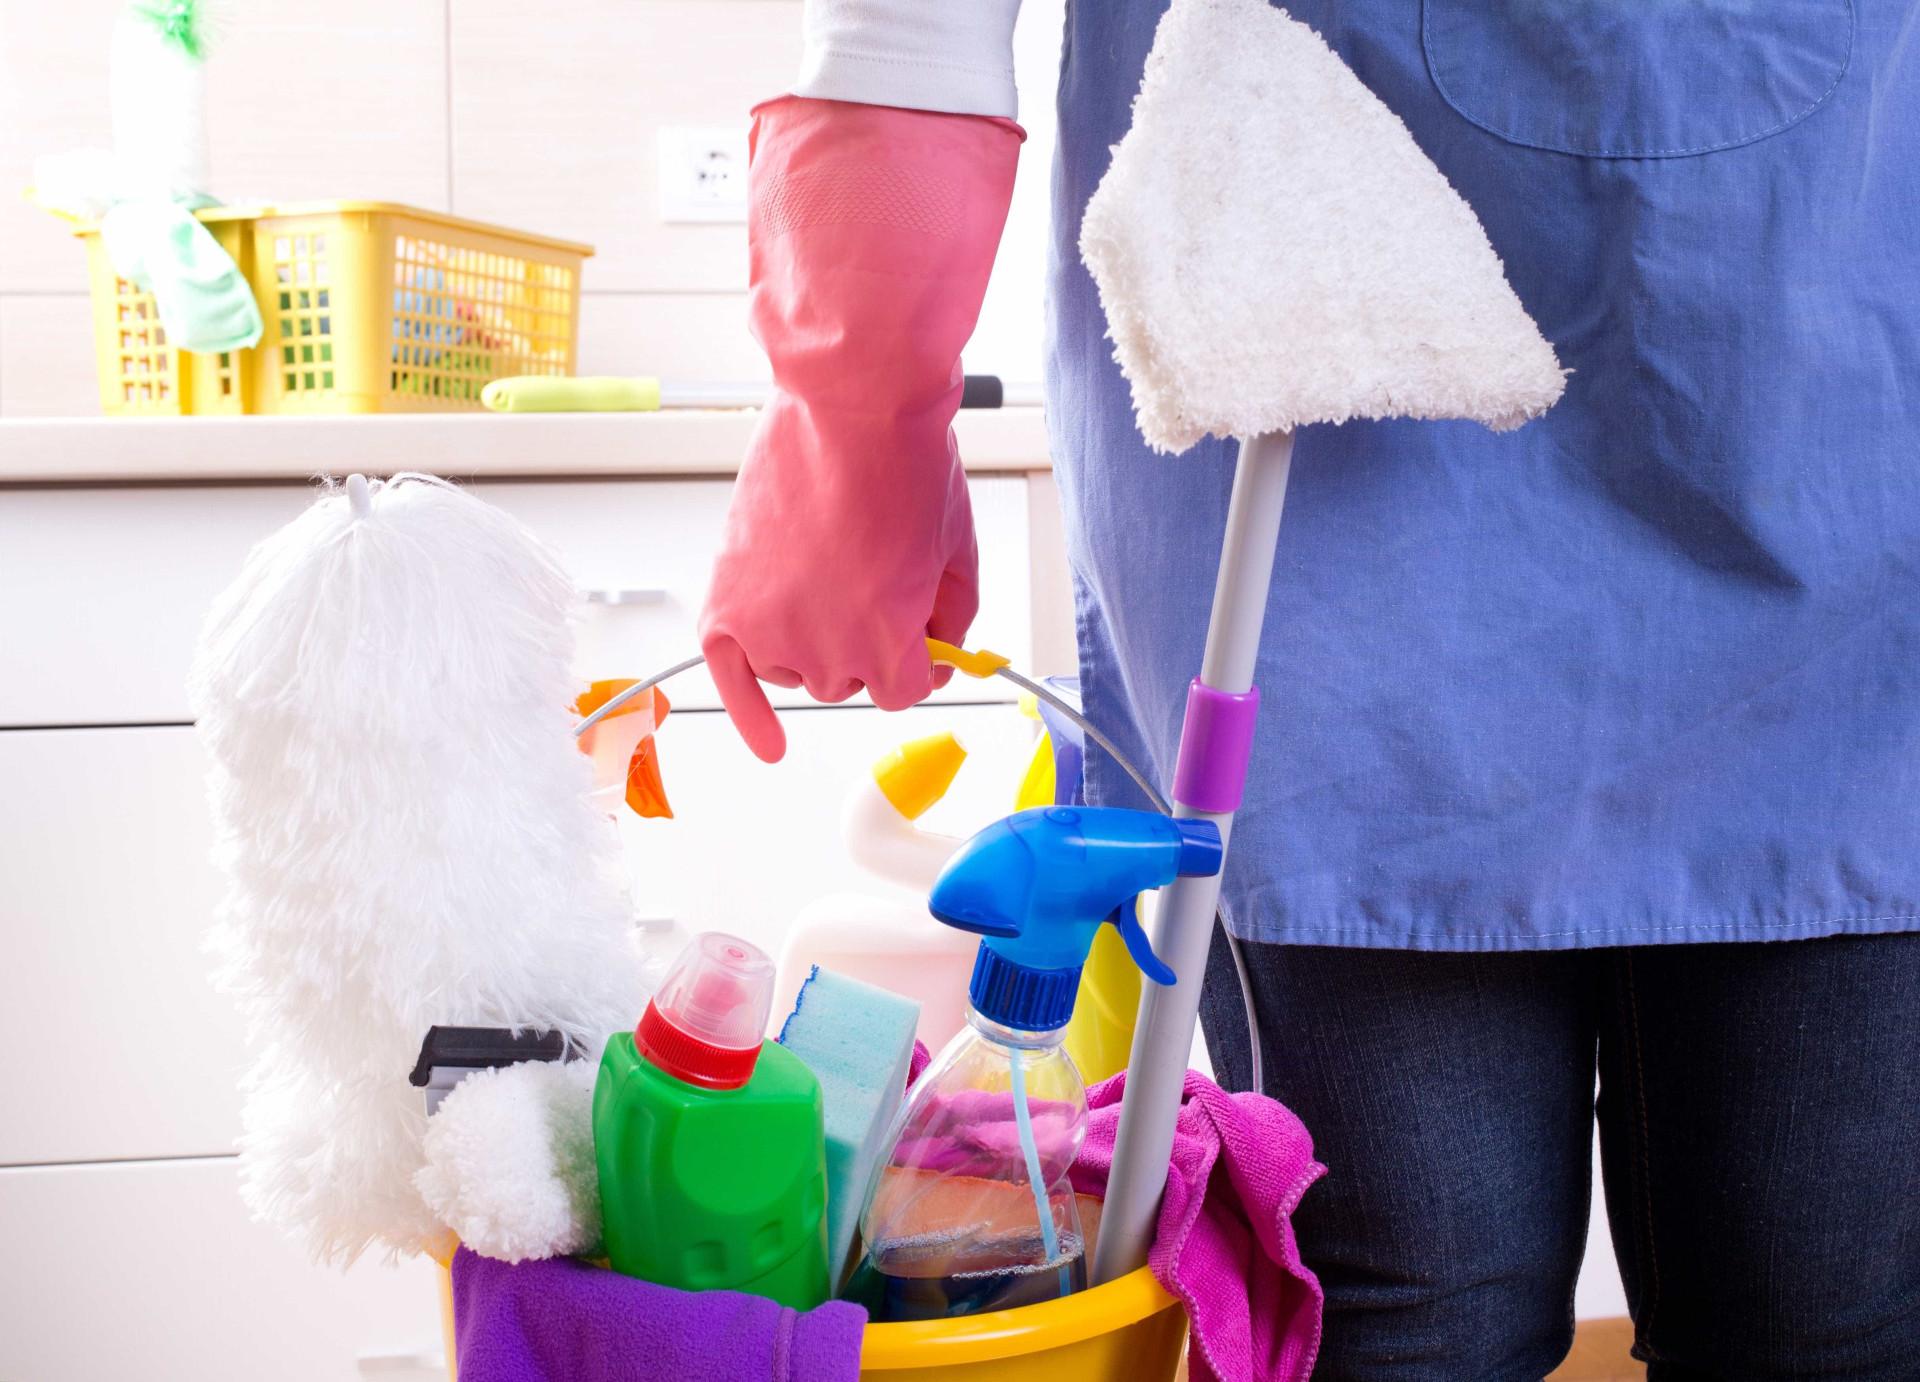 Nunca está totalmente limpo: toxinas que estão dentro de casa